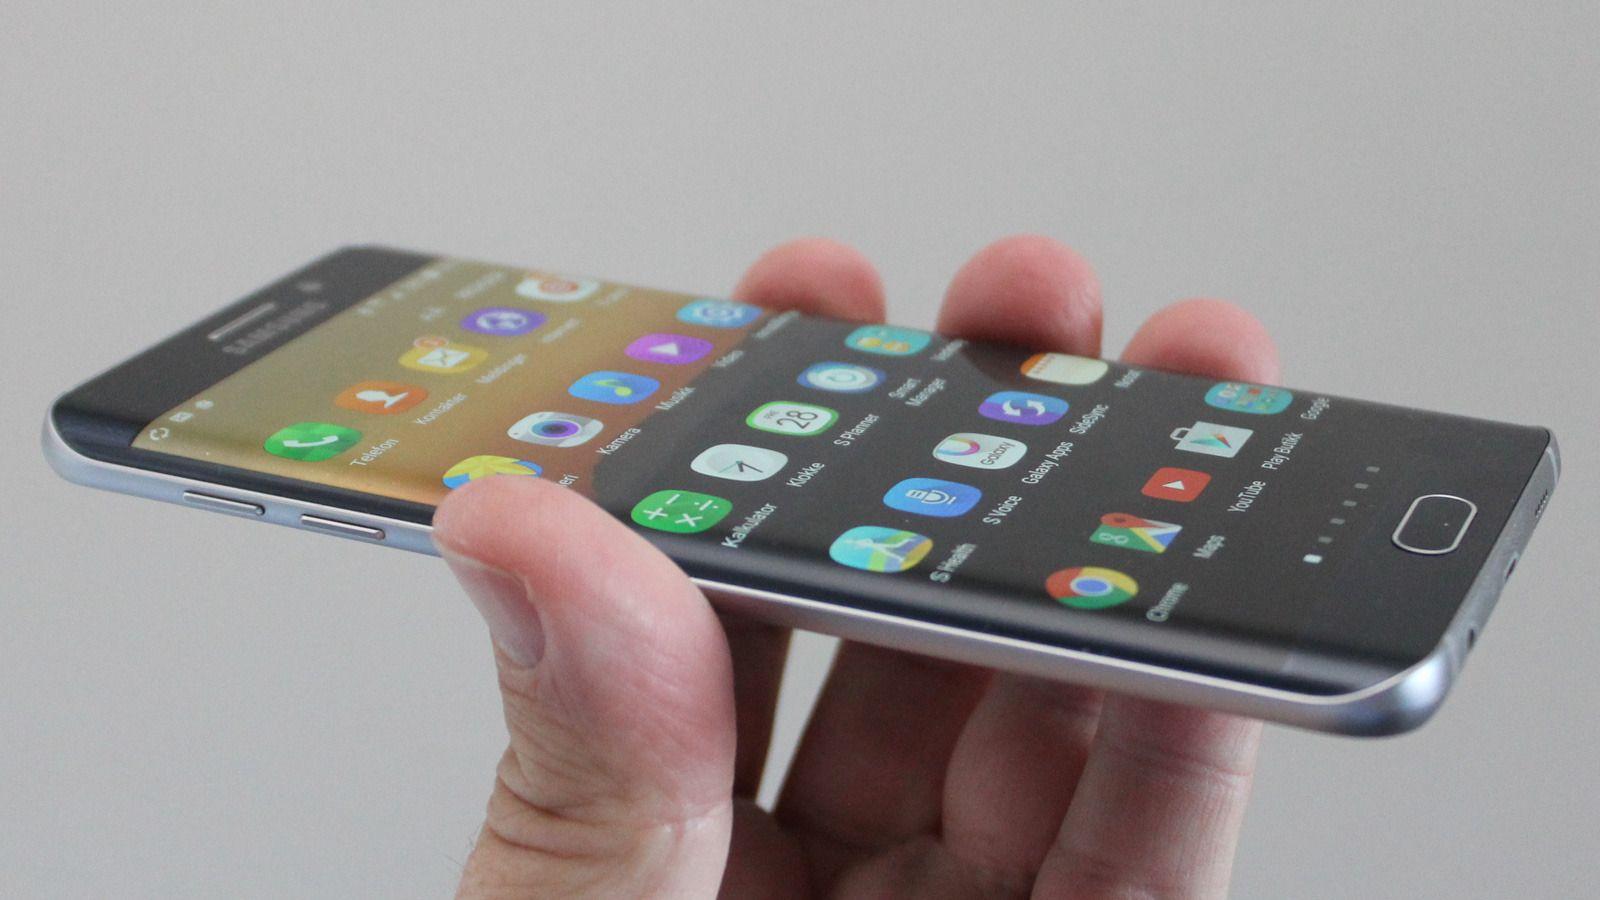 Overgangen til OLED kan føre til kurvede mobilskjermer, som på denne, en Samsung Galaxy S6 Edge+. Foto: Espen Irwing Swang, Tek.no